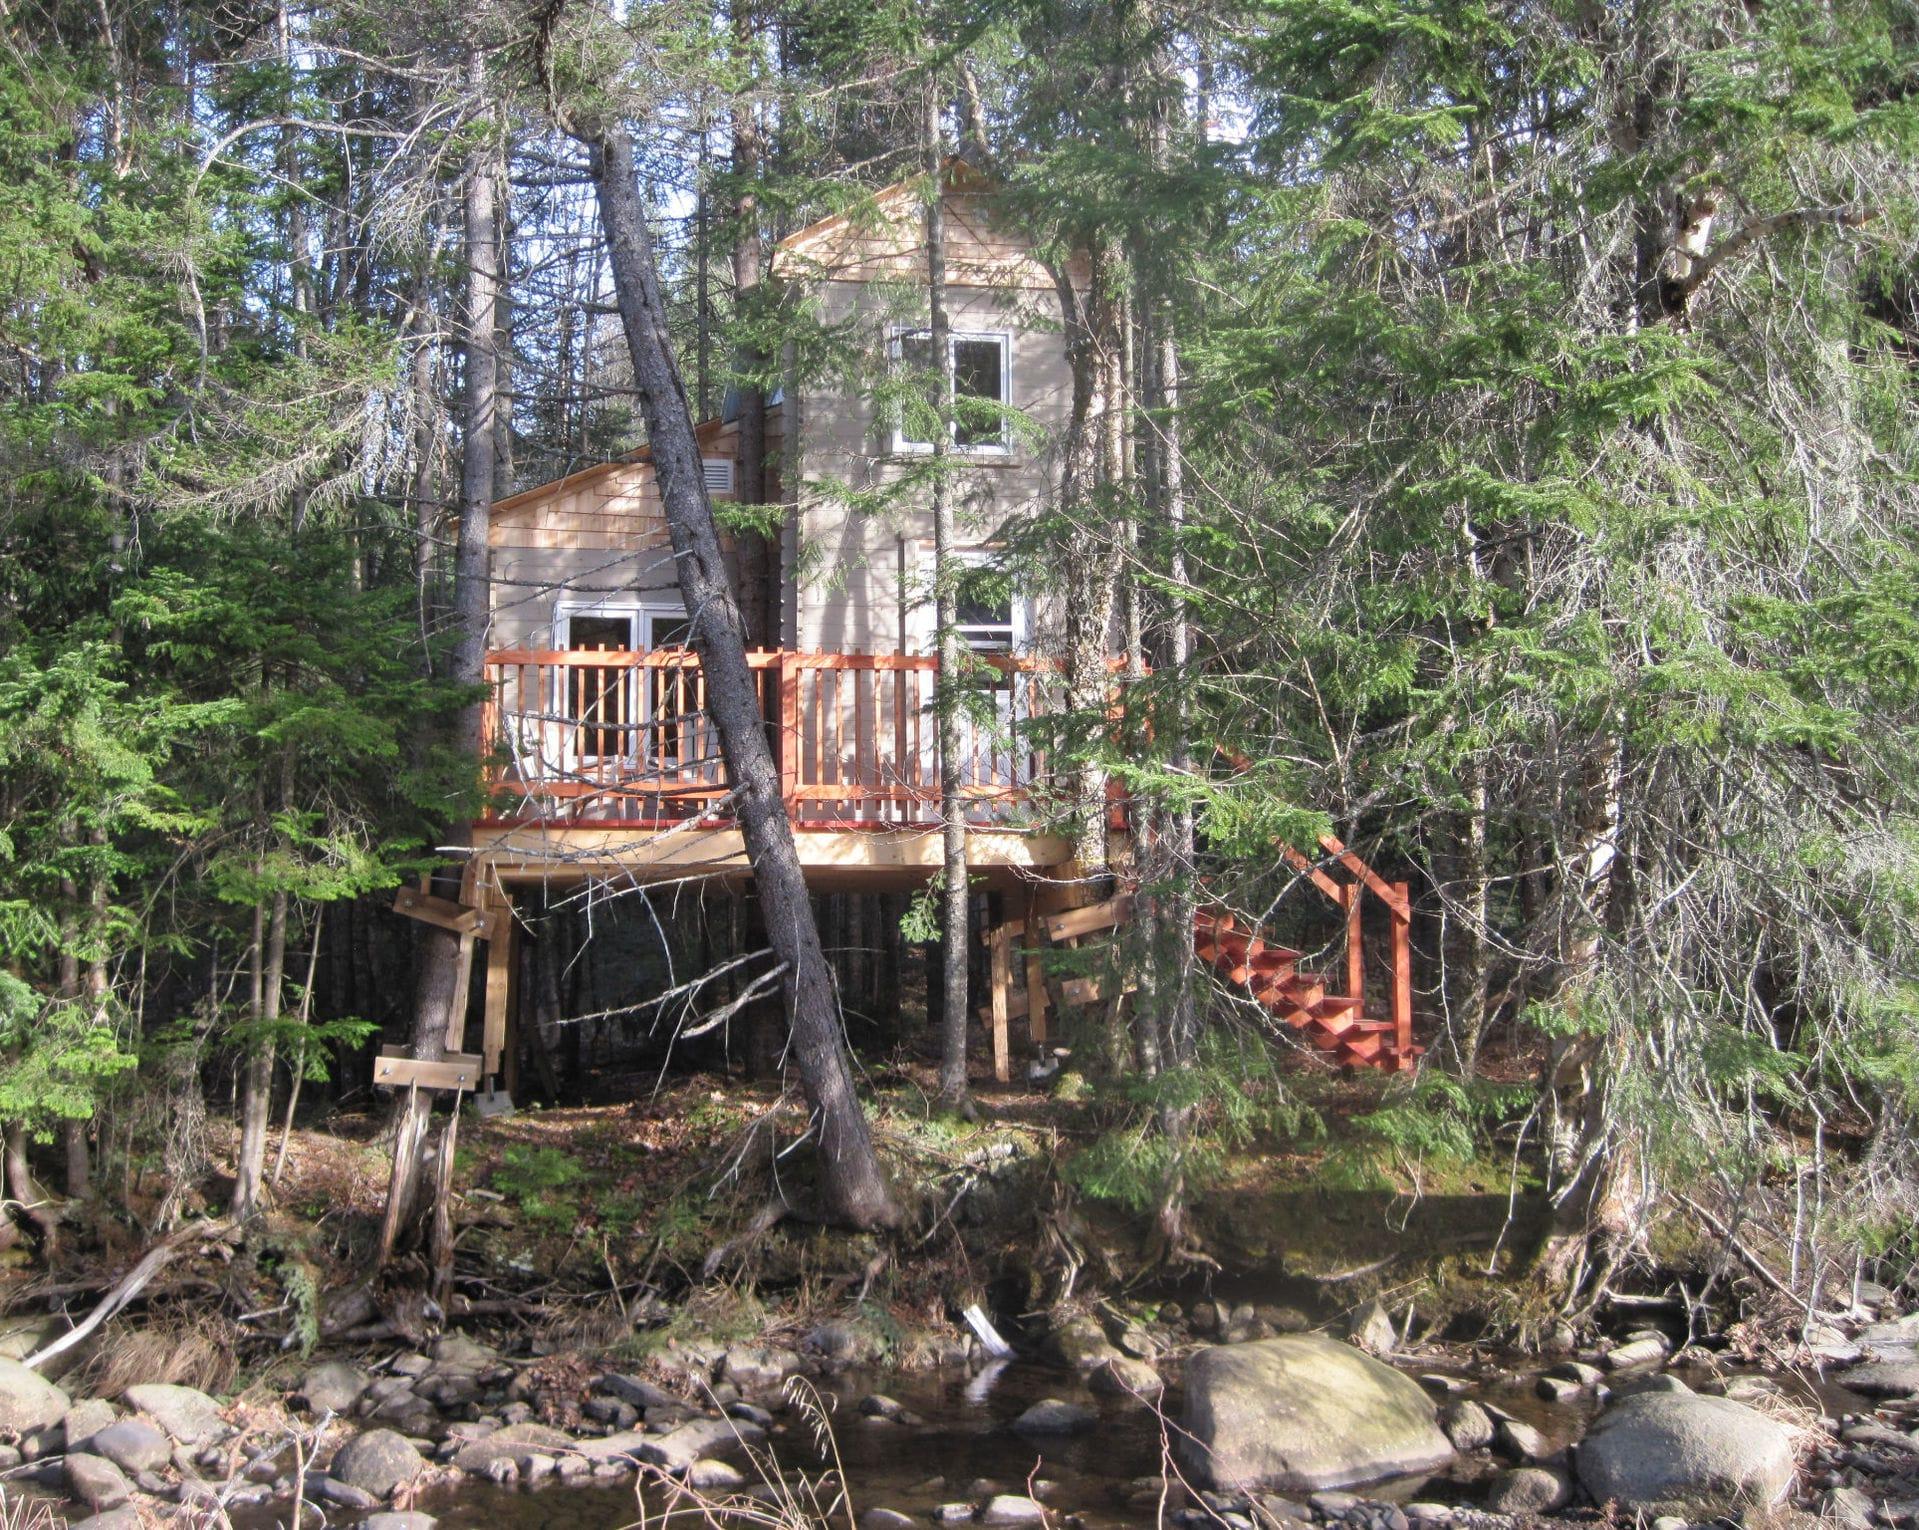 Domaine Sous un ciel étoilé - Treehouse cabins